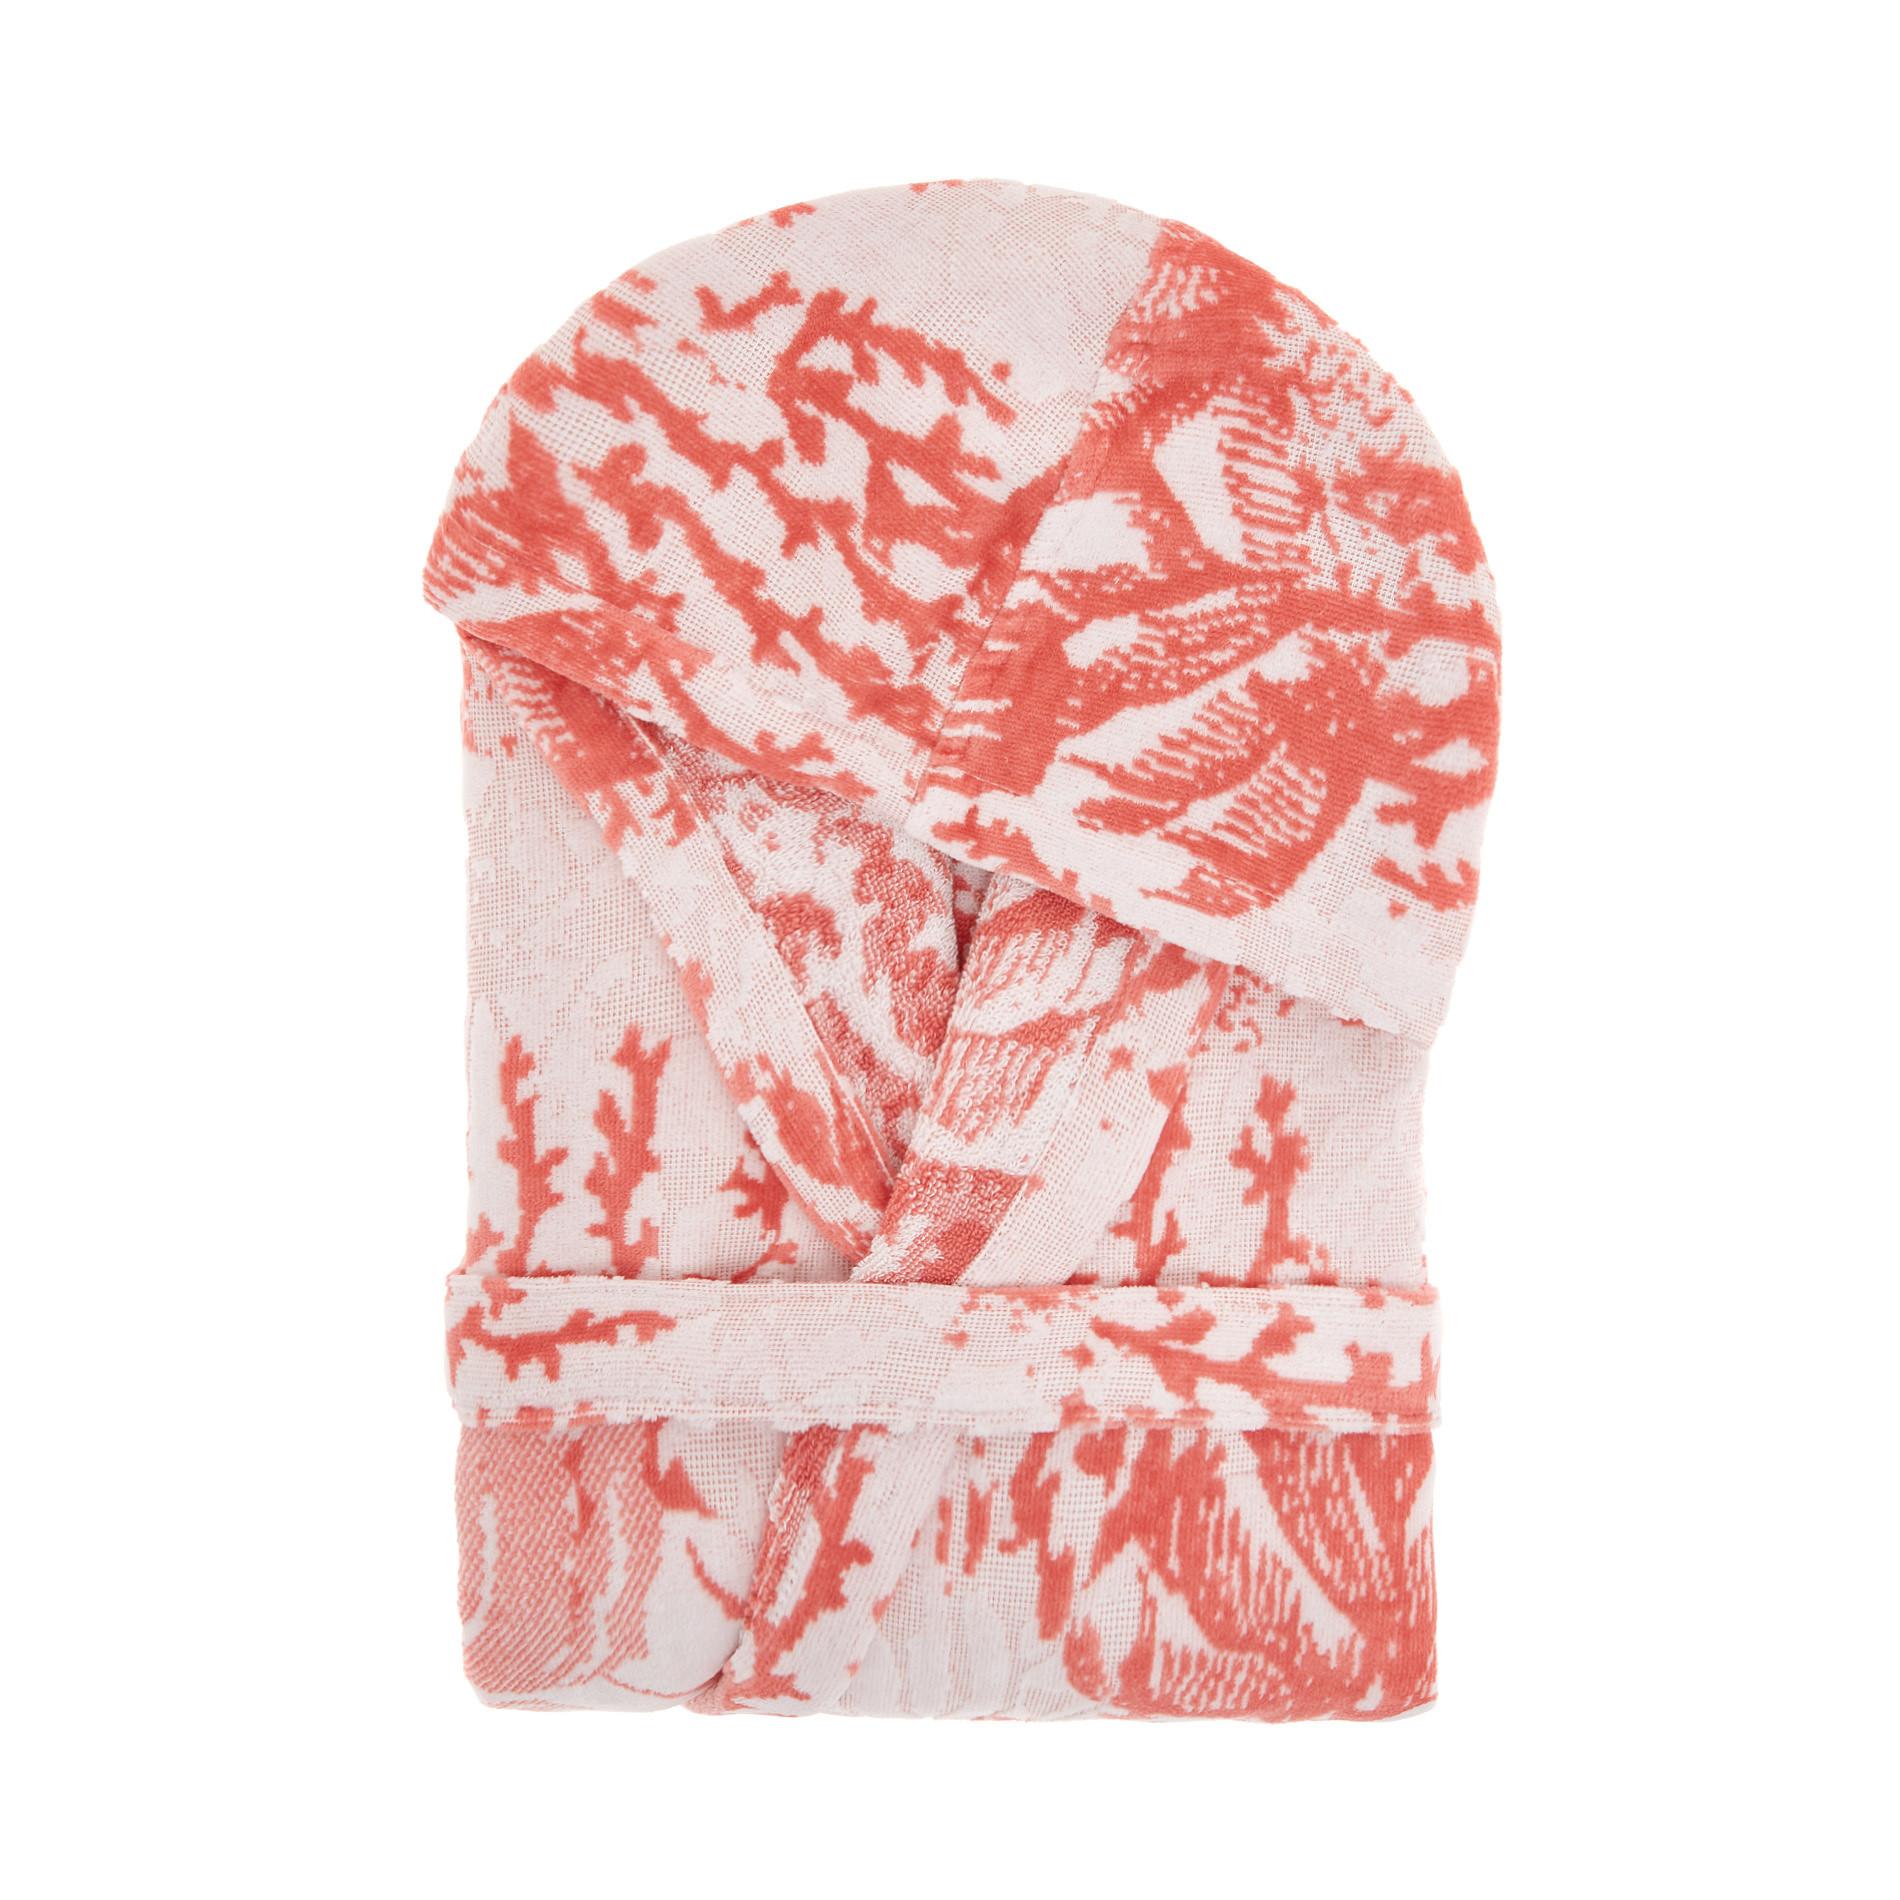 Accappatoio cotone velour stampa coralli, Rosso corallo, large image number 0